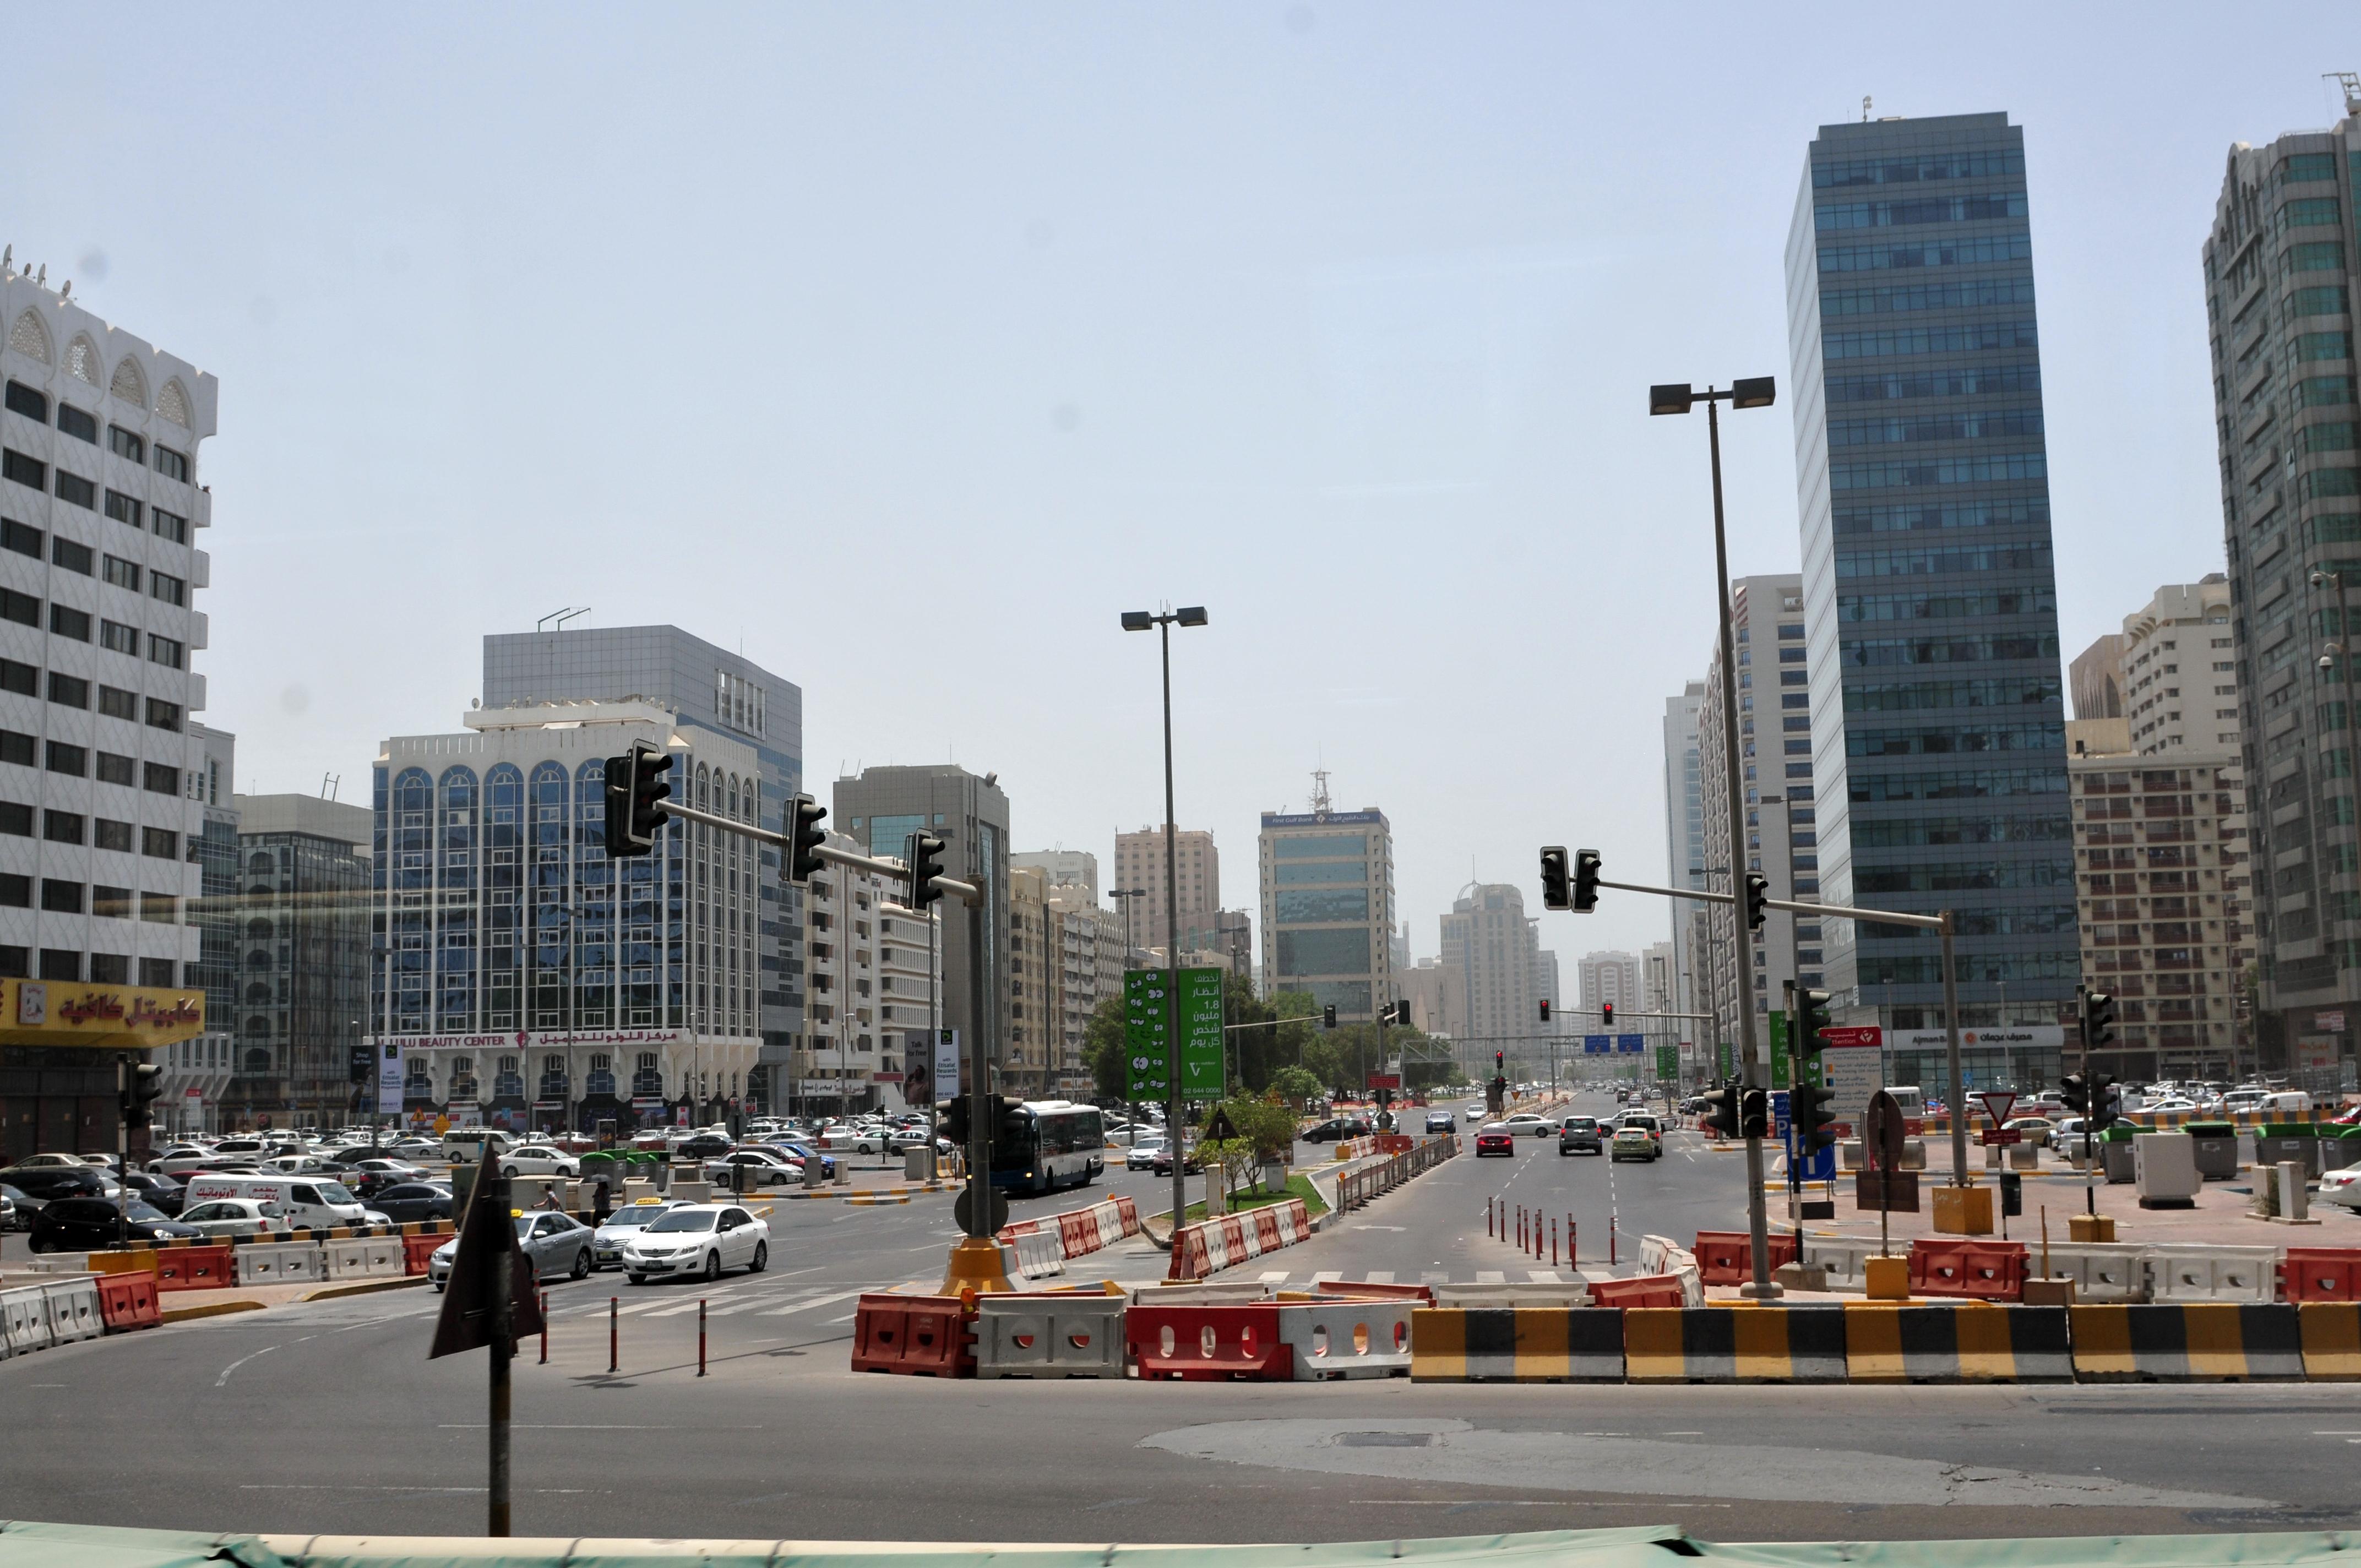 Sjedinjeni arapski emirati na mreži